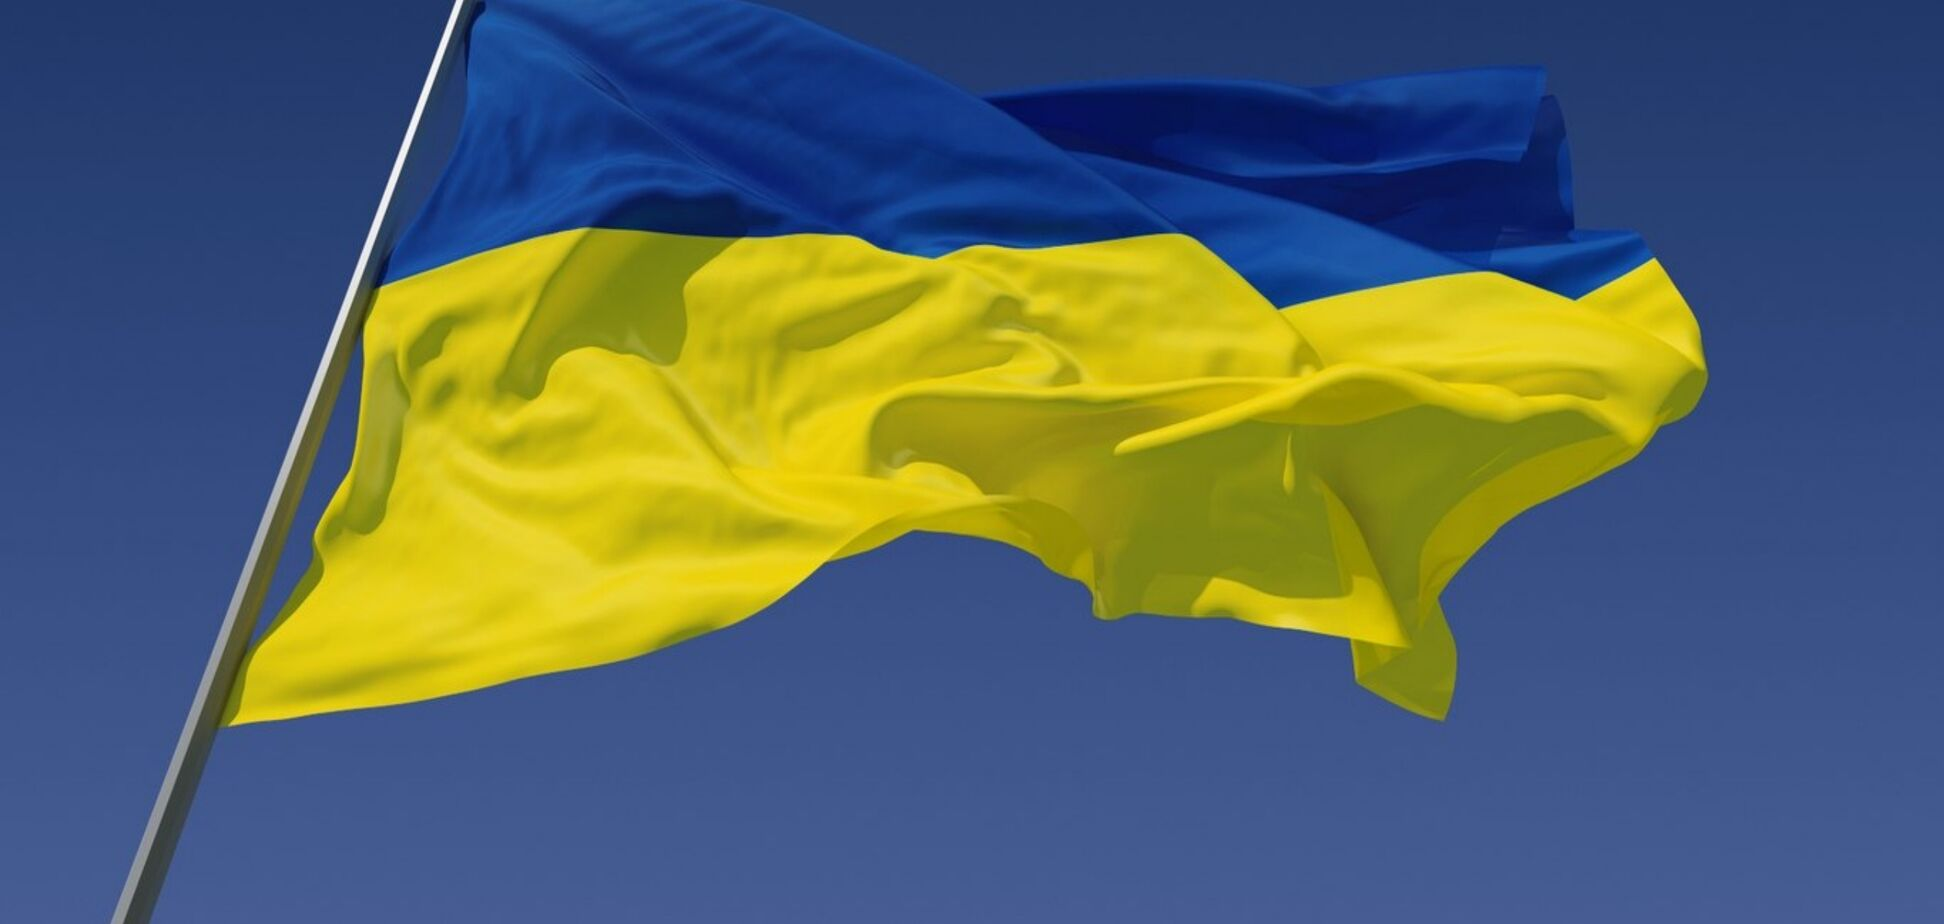 Скоро на всех домах: огромный флаг Украины над Донецком привел соцсеть в восторг